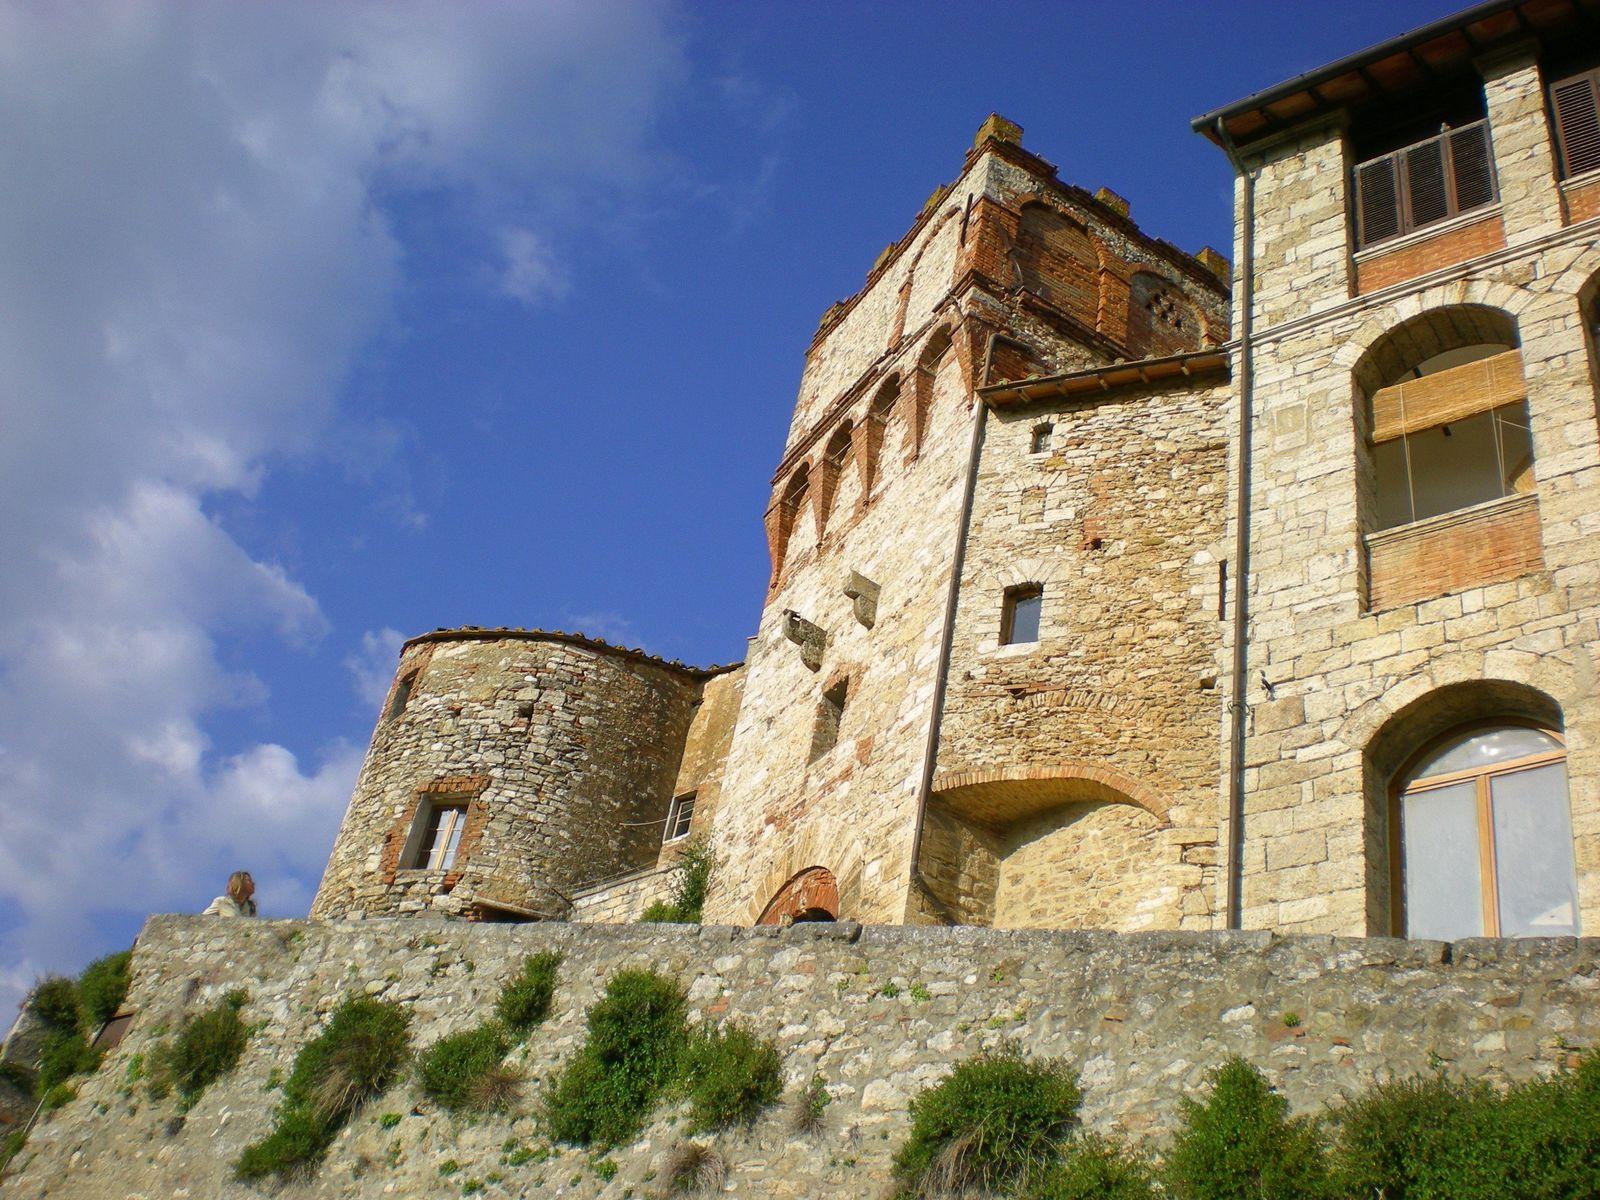 Rapolano Terme - Rapolano, scrigno di elementi immerso nella storia - Toscana Ovunque Bella